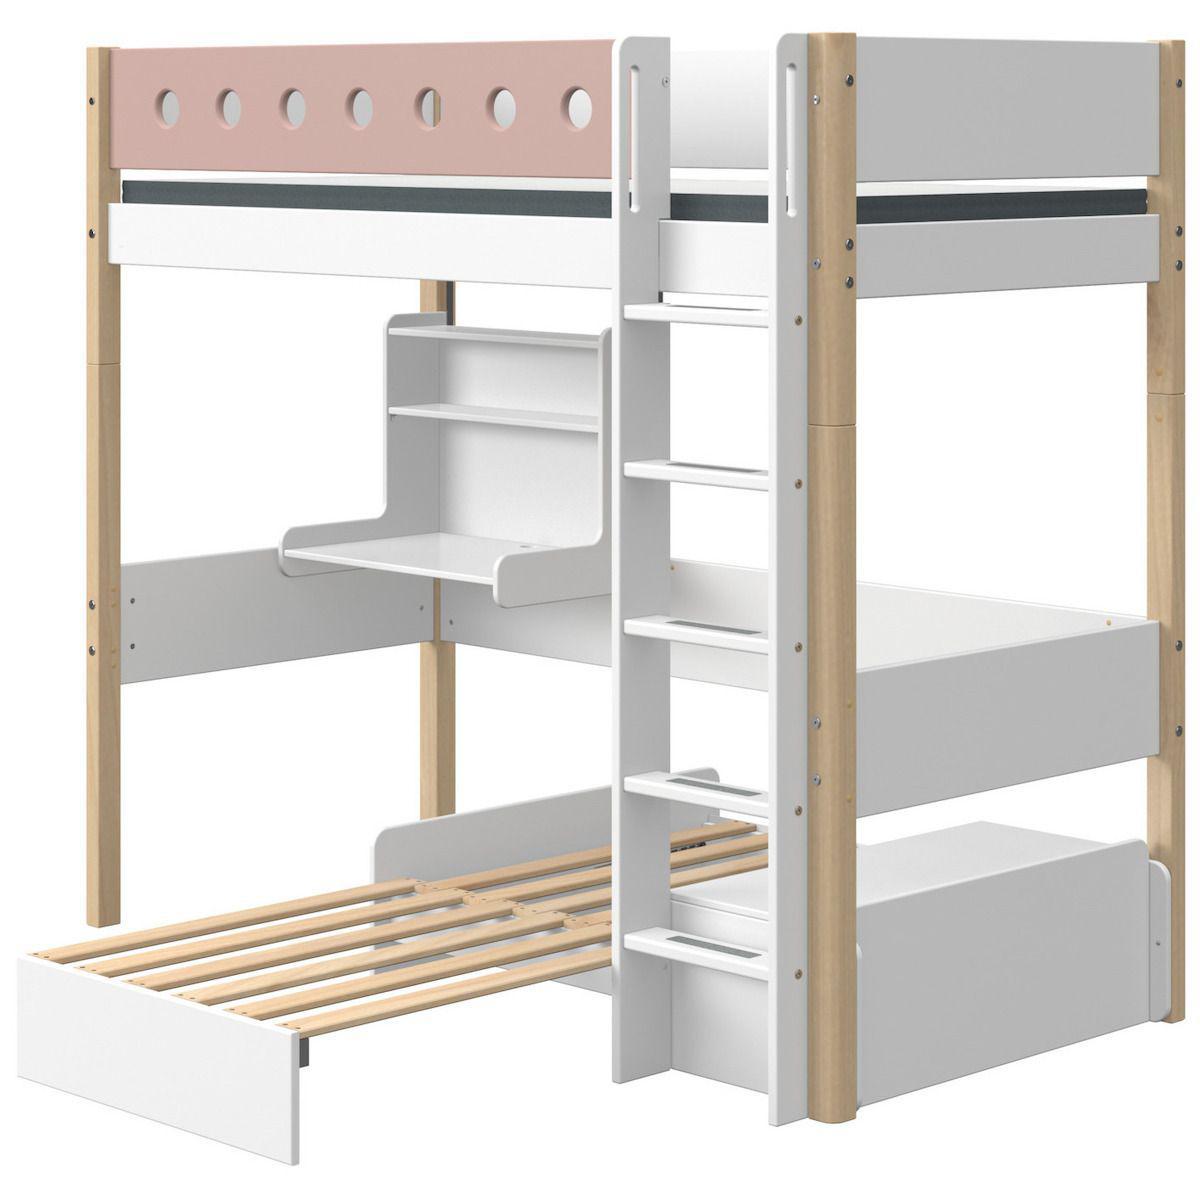 Lit mezzanine 90x200cm échelle droite bureau Click-On module de couchage casa WHITE Flexa naturel-light rose